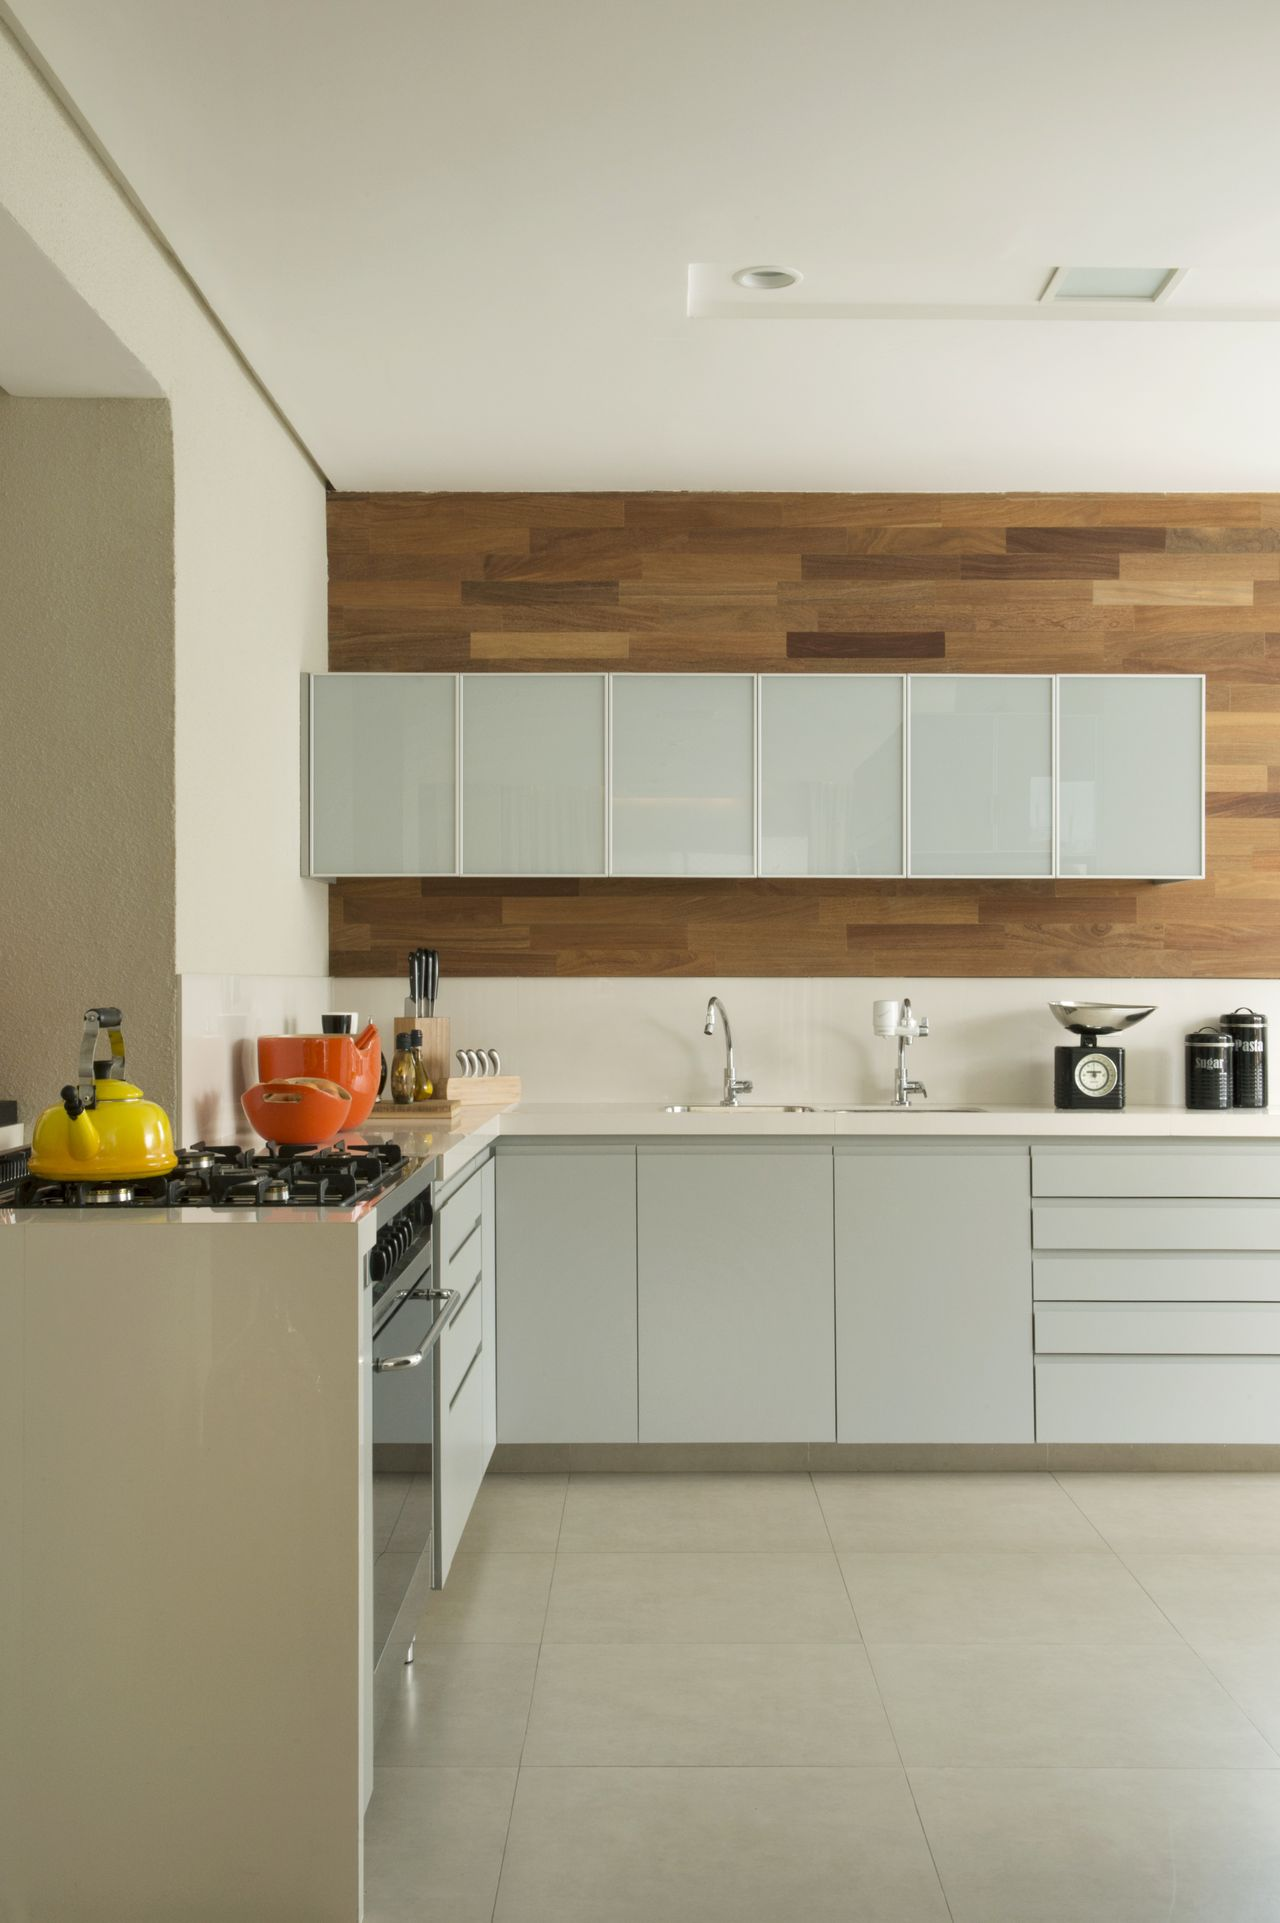 Cozinha Moderna Planejada Fotos De Cozinhas Cozinha Planejada Em